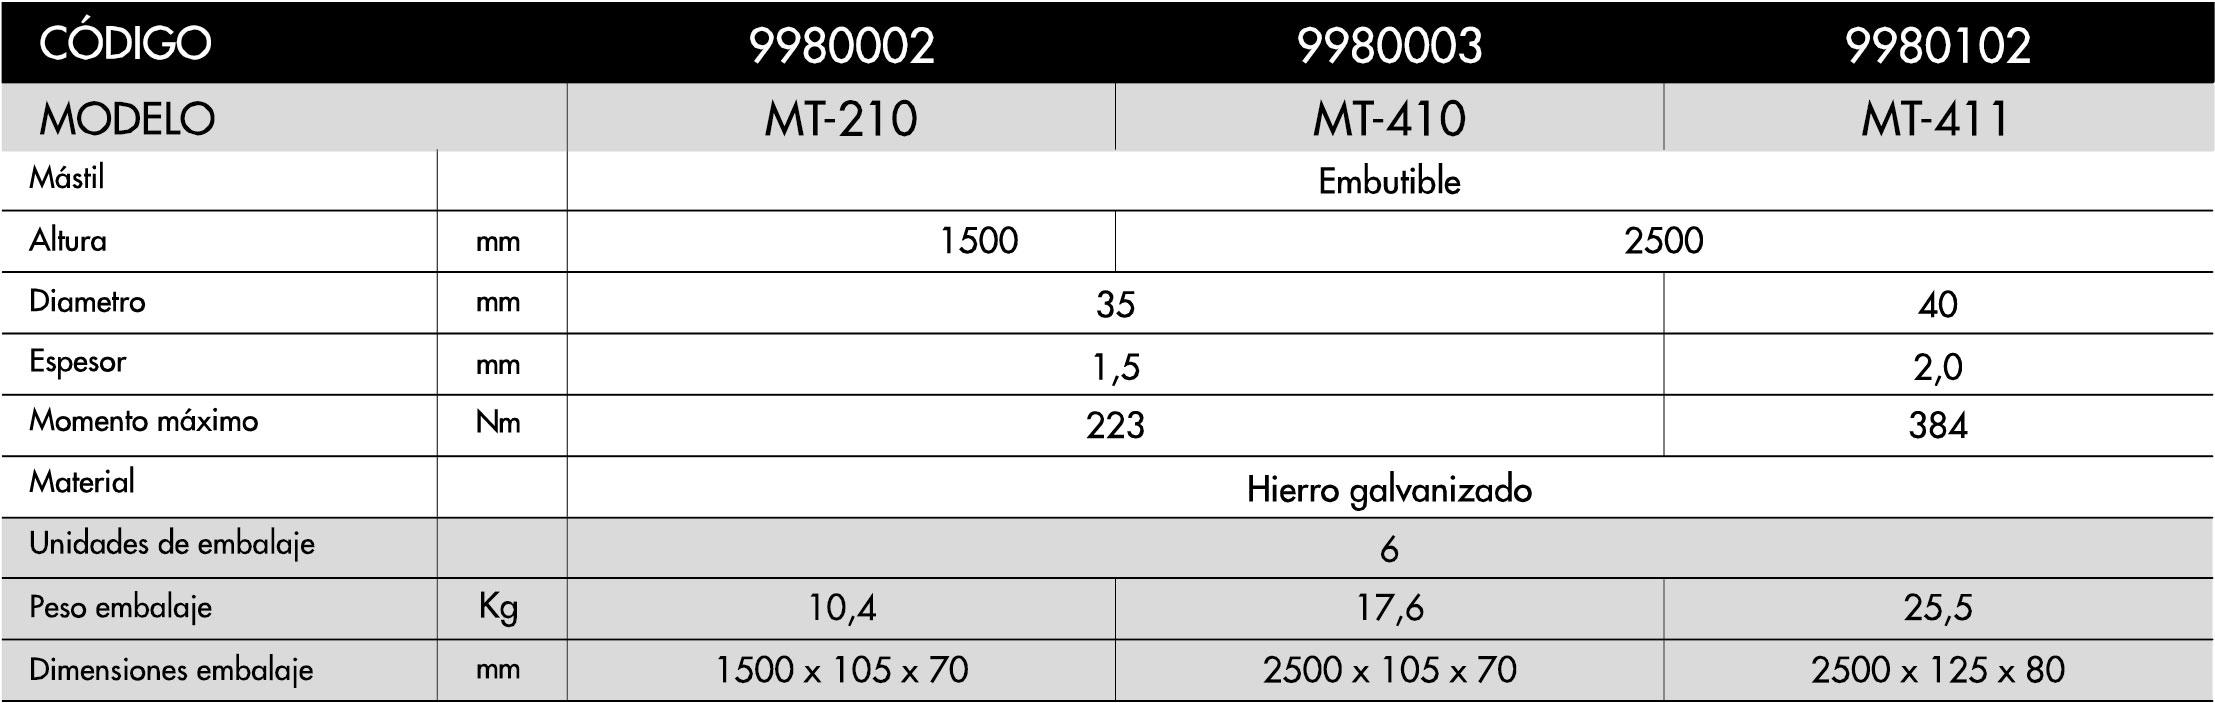 9980003-tablaES.jpg